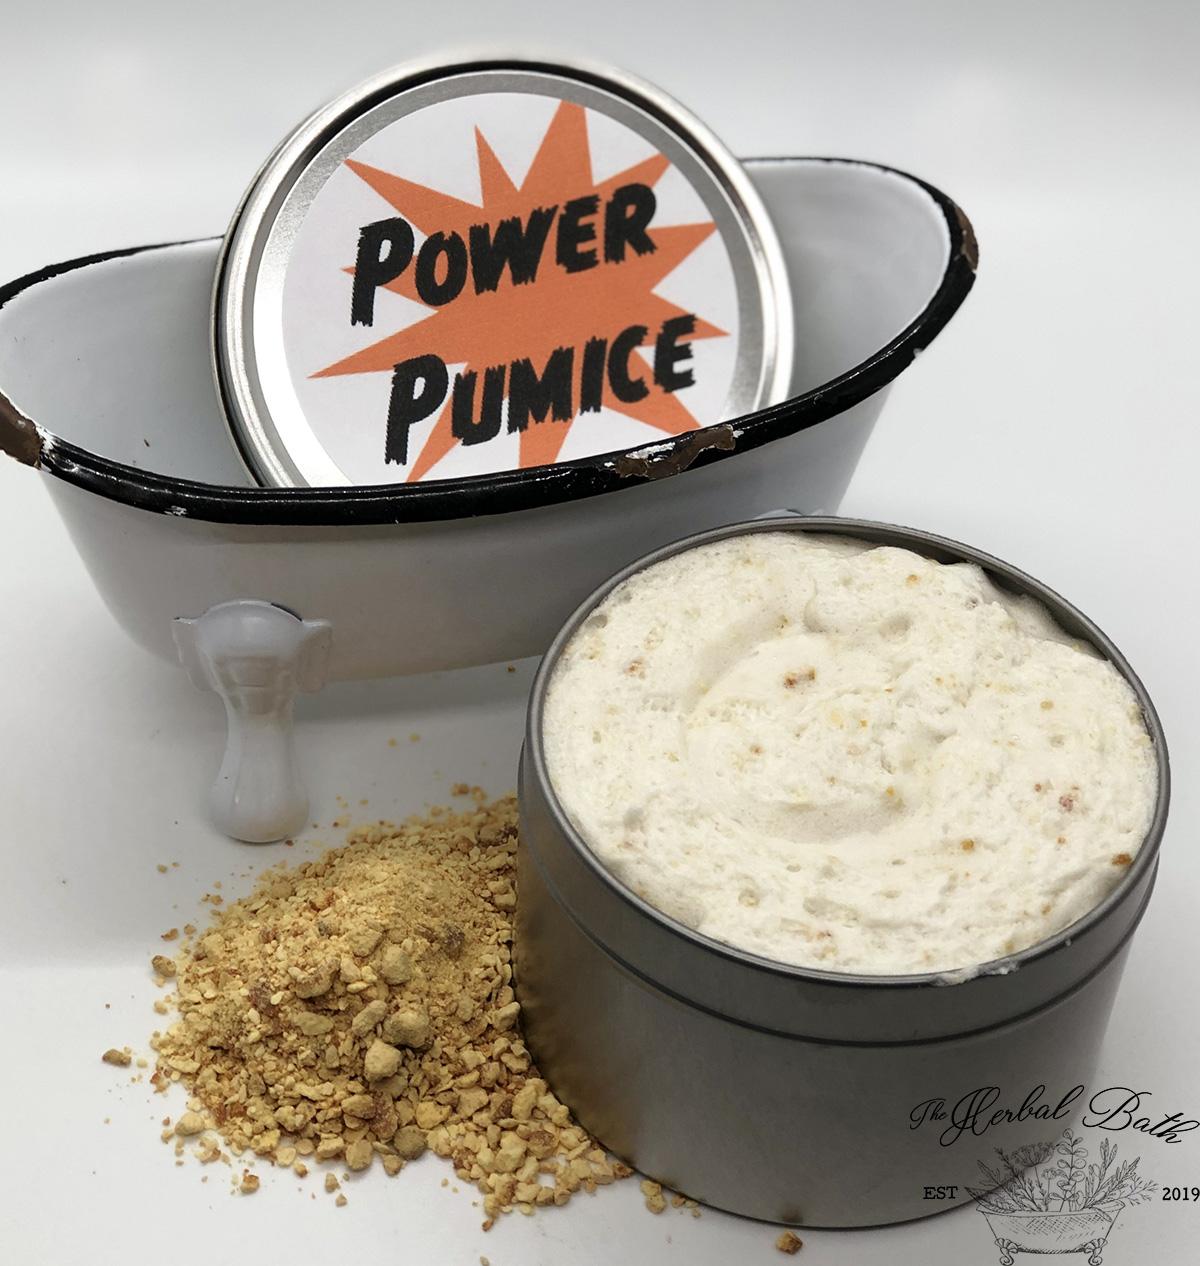 Power Pumice